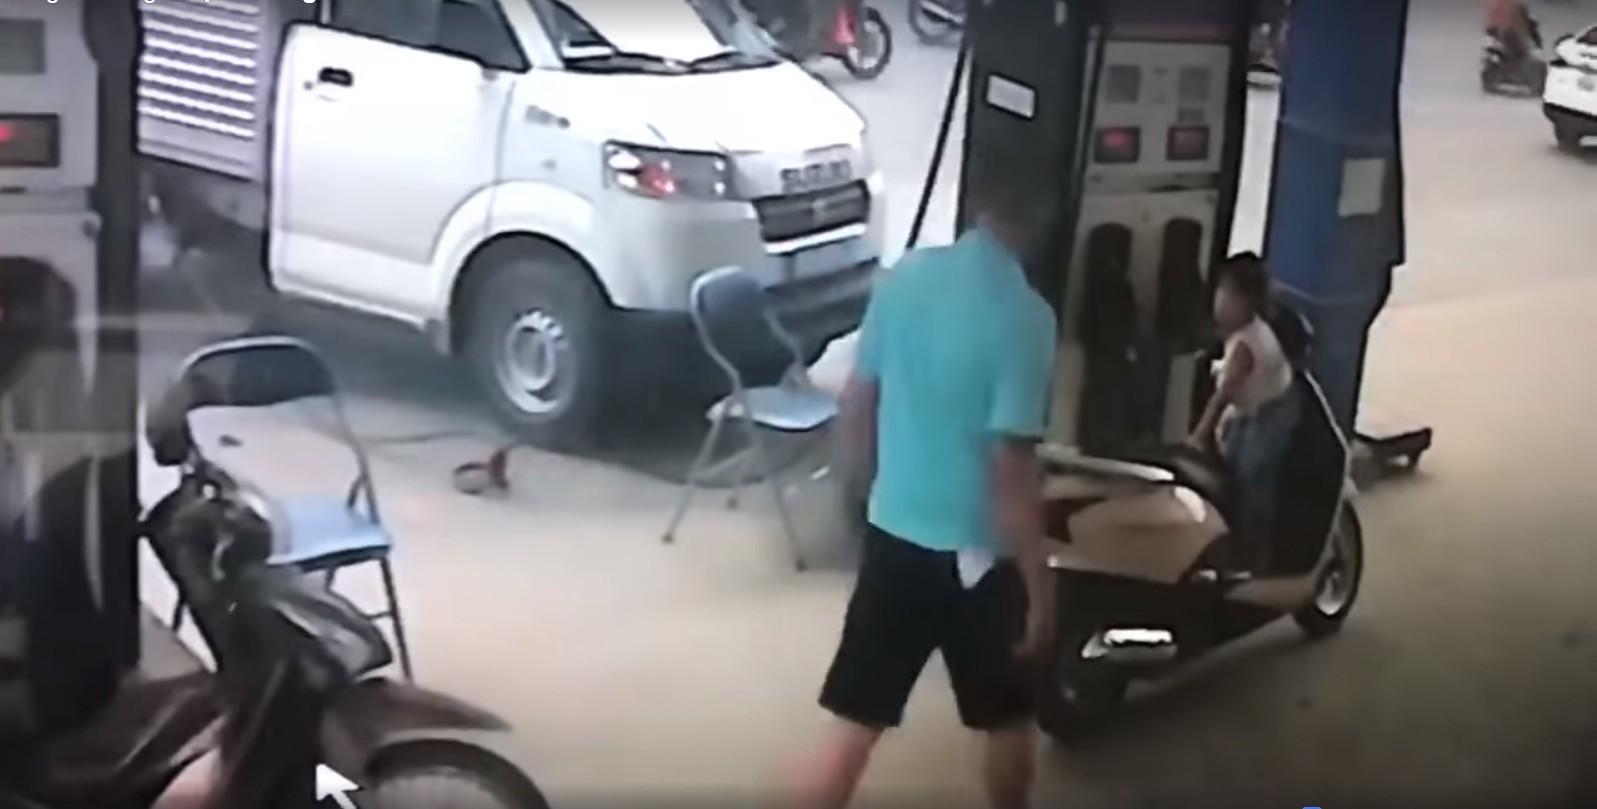 Clip gây bức xúc: Bị nhắc tự mở bình xăng, người đàn ông cầm chìa khóa đánh vào đầu nhân viên cây xăng trước mặt con gái - Ảnh 3.